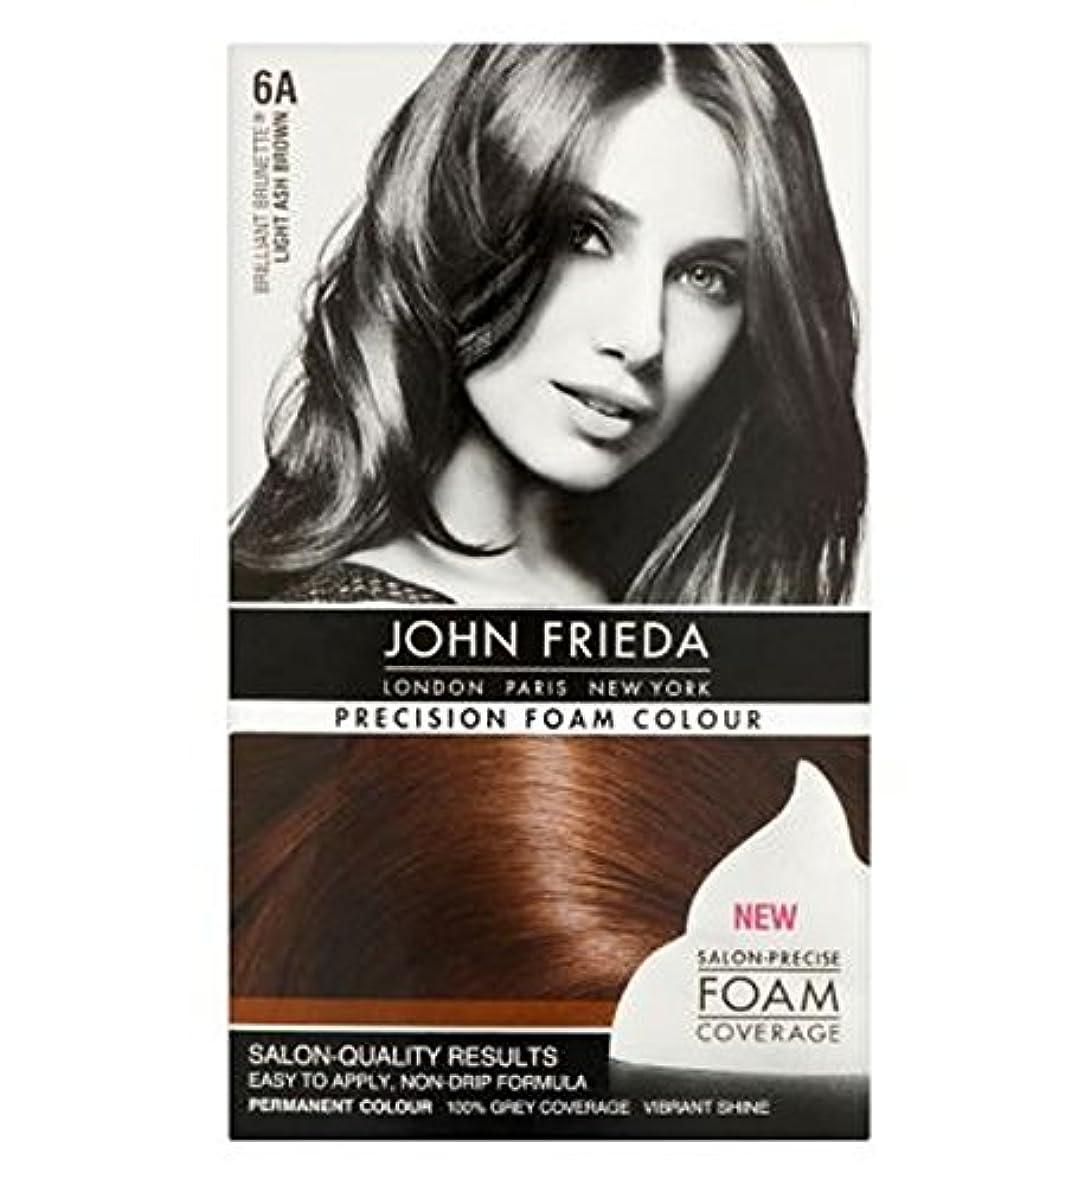 転用入り口凍結John Frieda Precision Foam Colour 6A Light Ash Brown - ジョン?フリーダ精密泡カラー6Aの光灰褐色 (John Frieda) [並行輸入品]